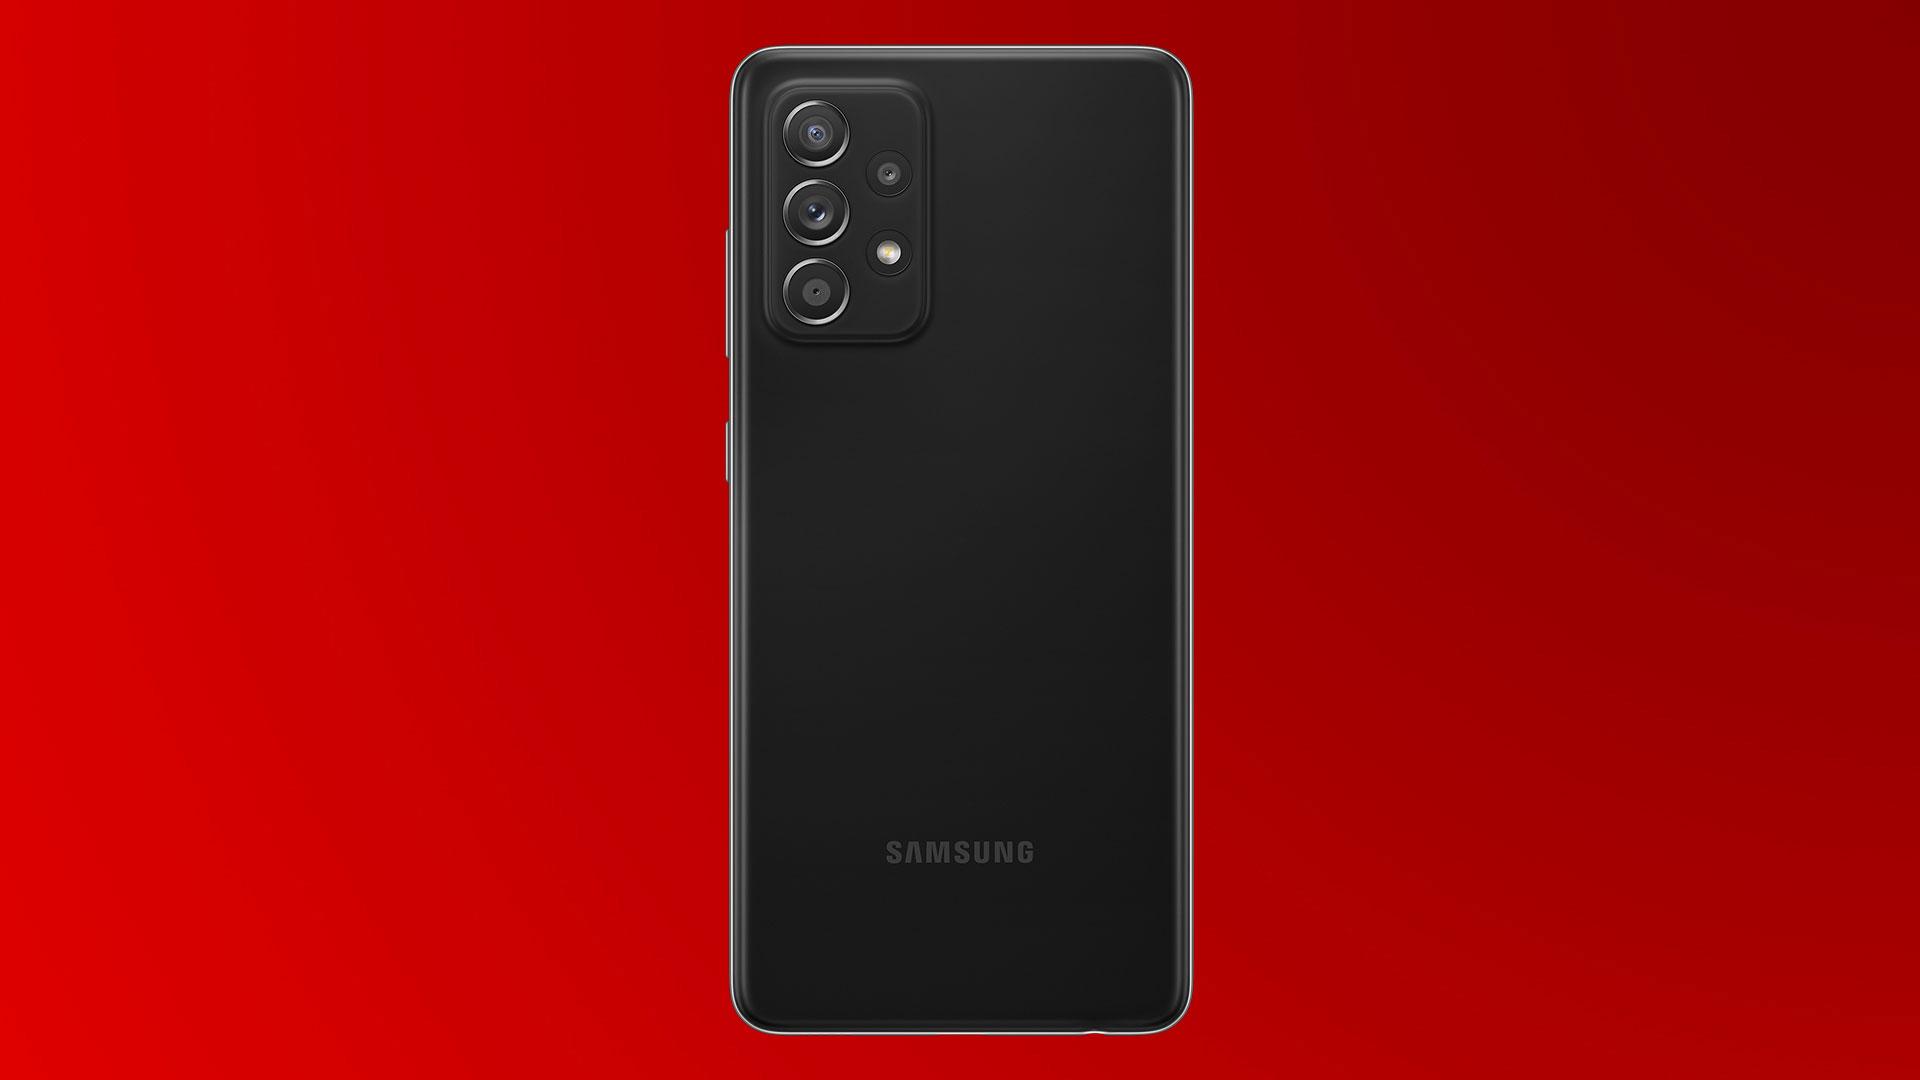 Das neue Samsung Galaxy A 52 5G in Schwarz mit Quad-Kamera.